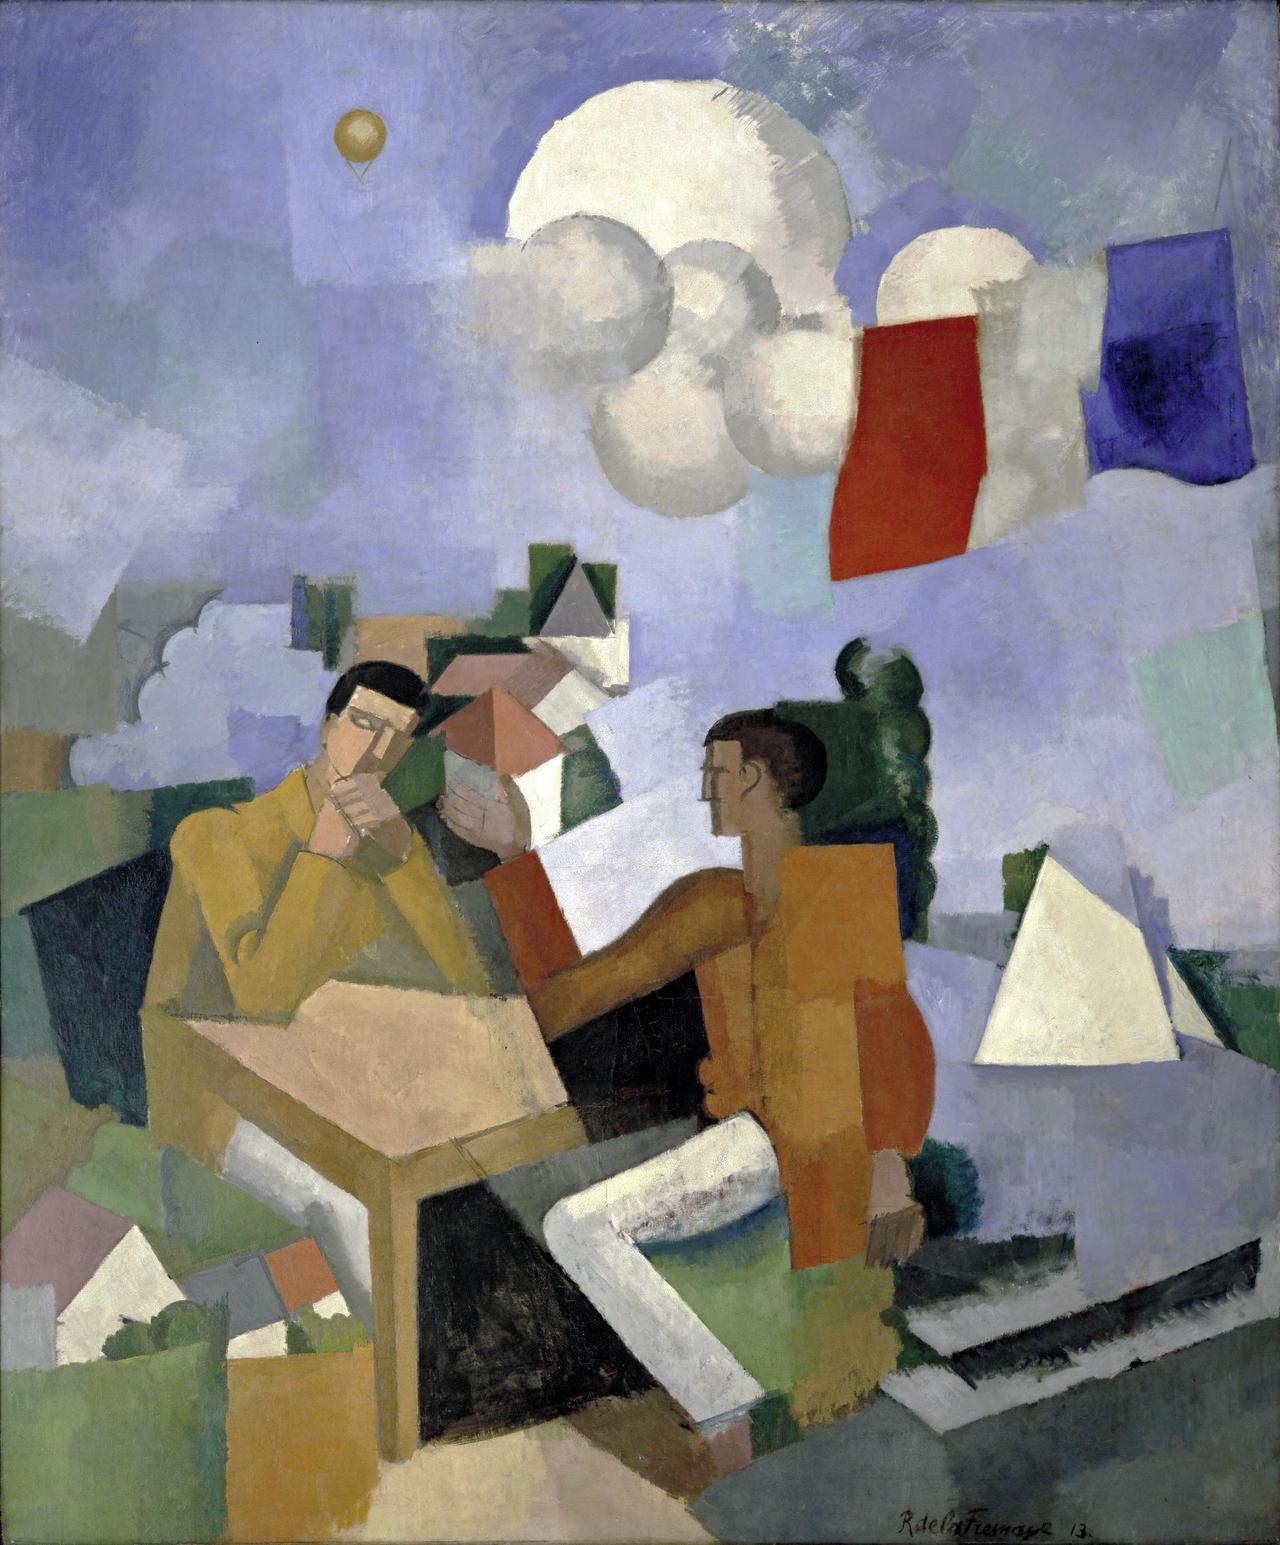 Trabajos de Sociales: Imperialismo , conceptos del arte .(Alex)